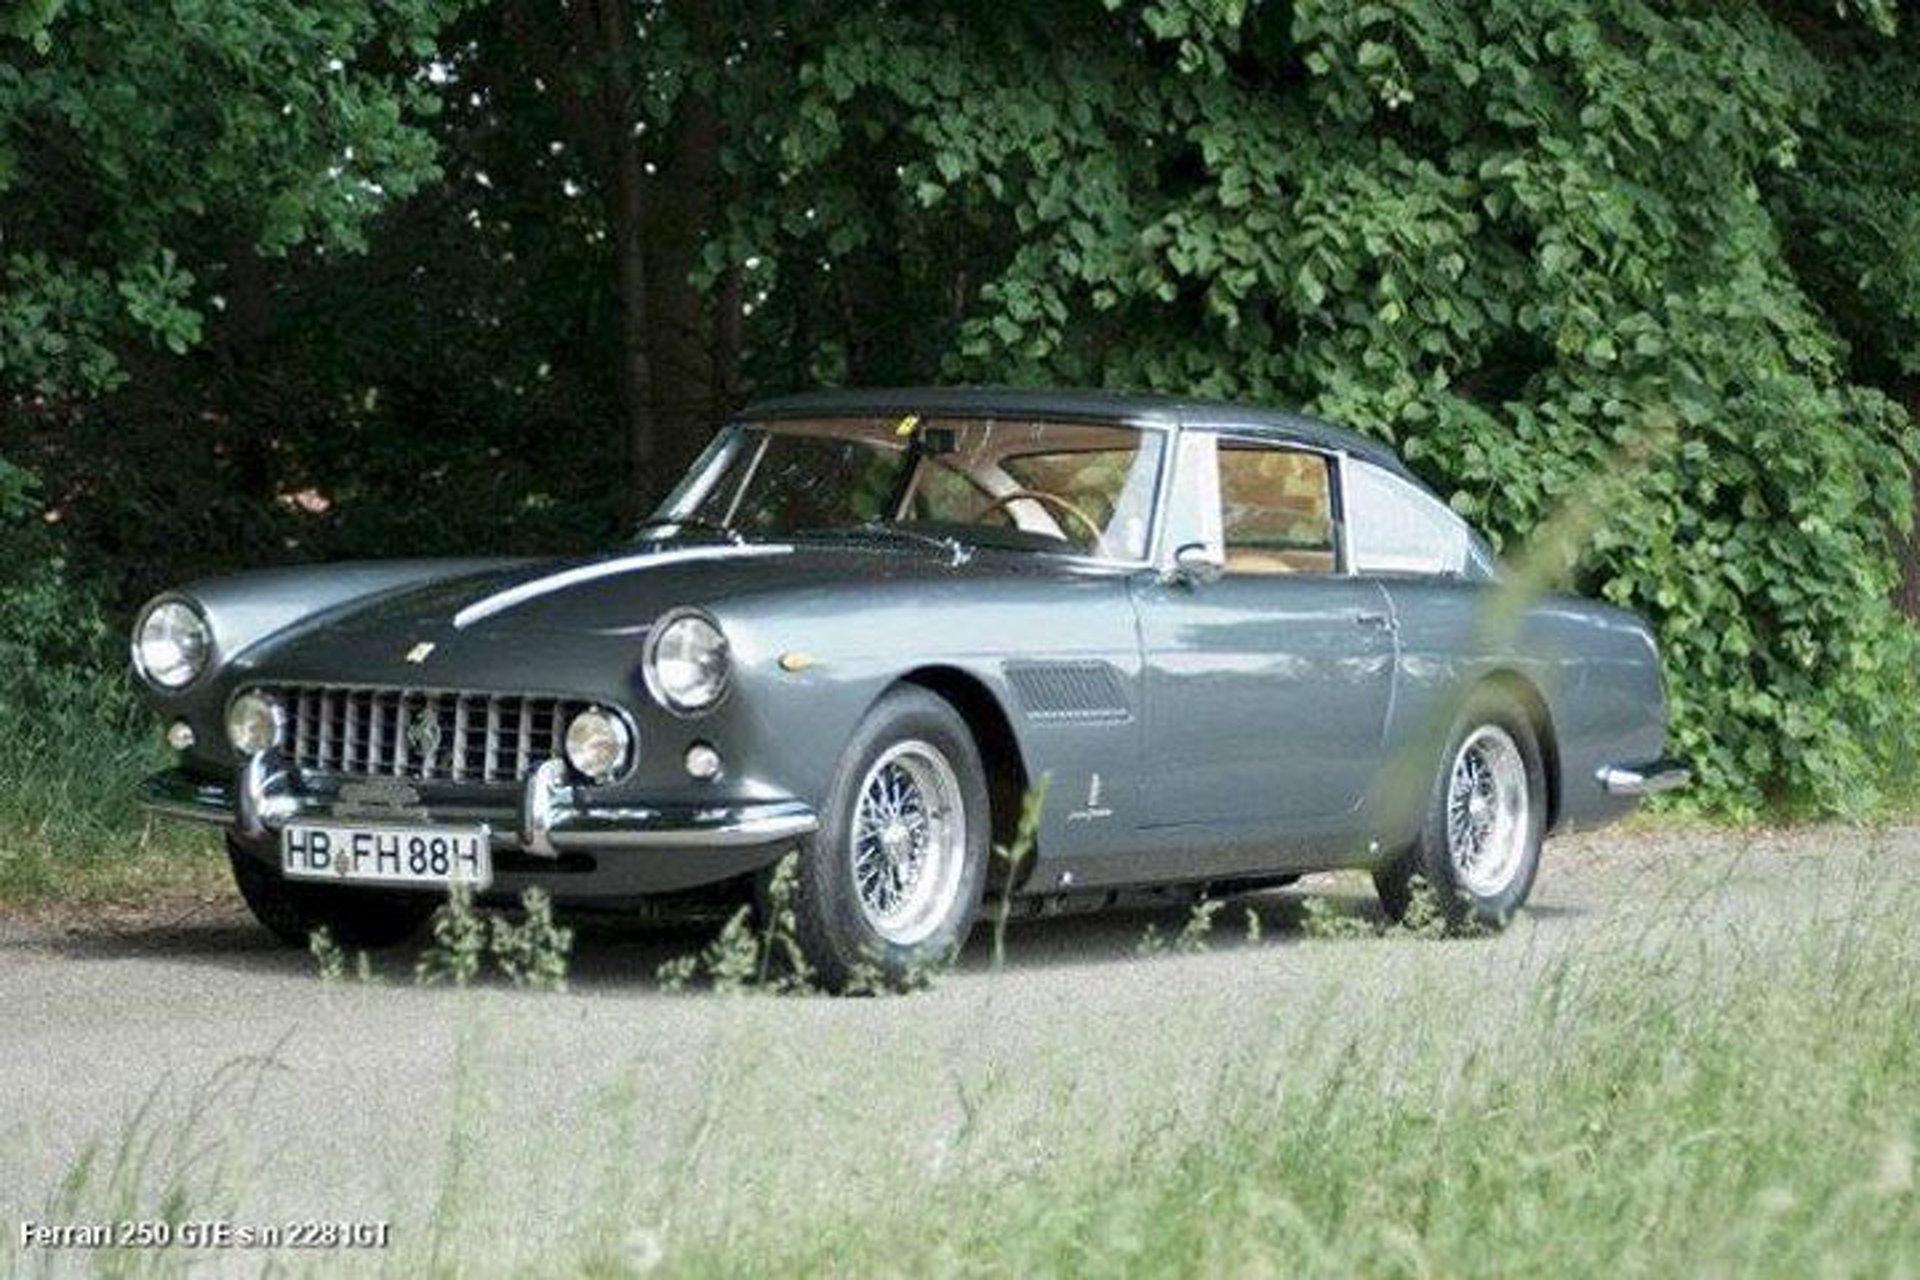 STOLEN! Help Find This Missing Ferrari 250 GTE